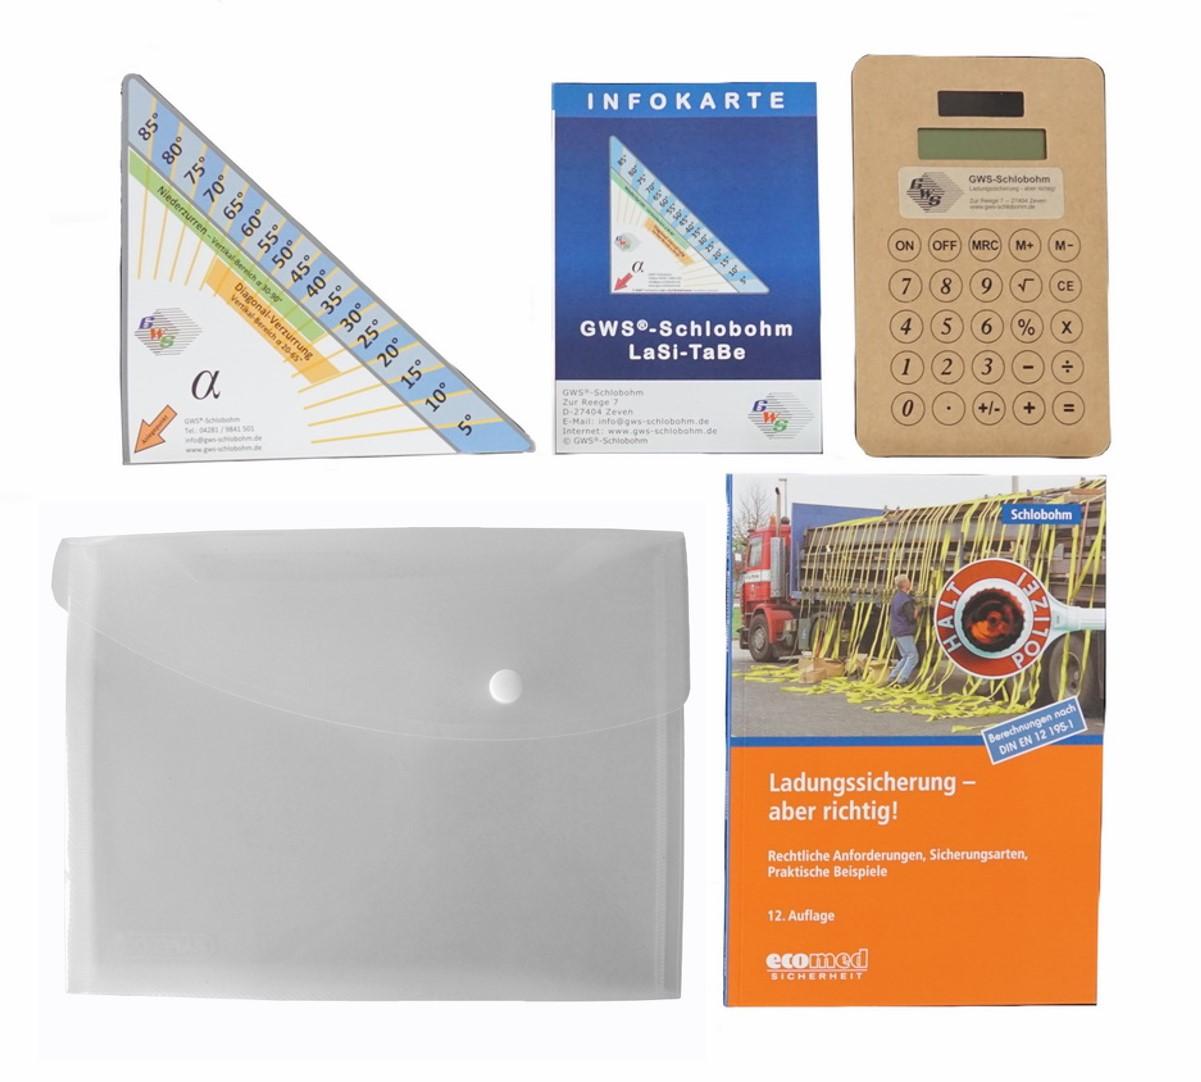 GWS® Winkelmesser-Set Expertenpaket